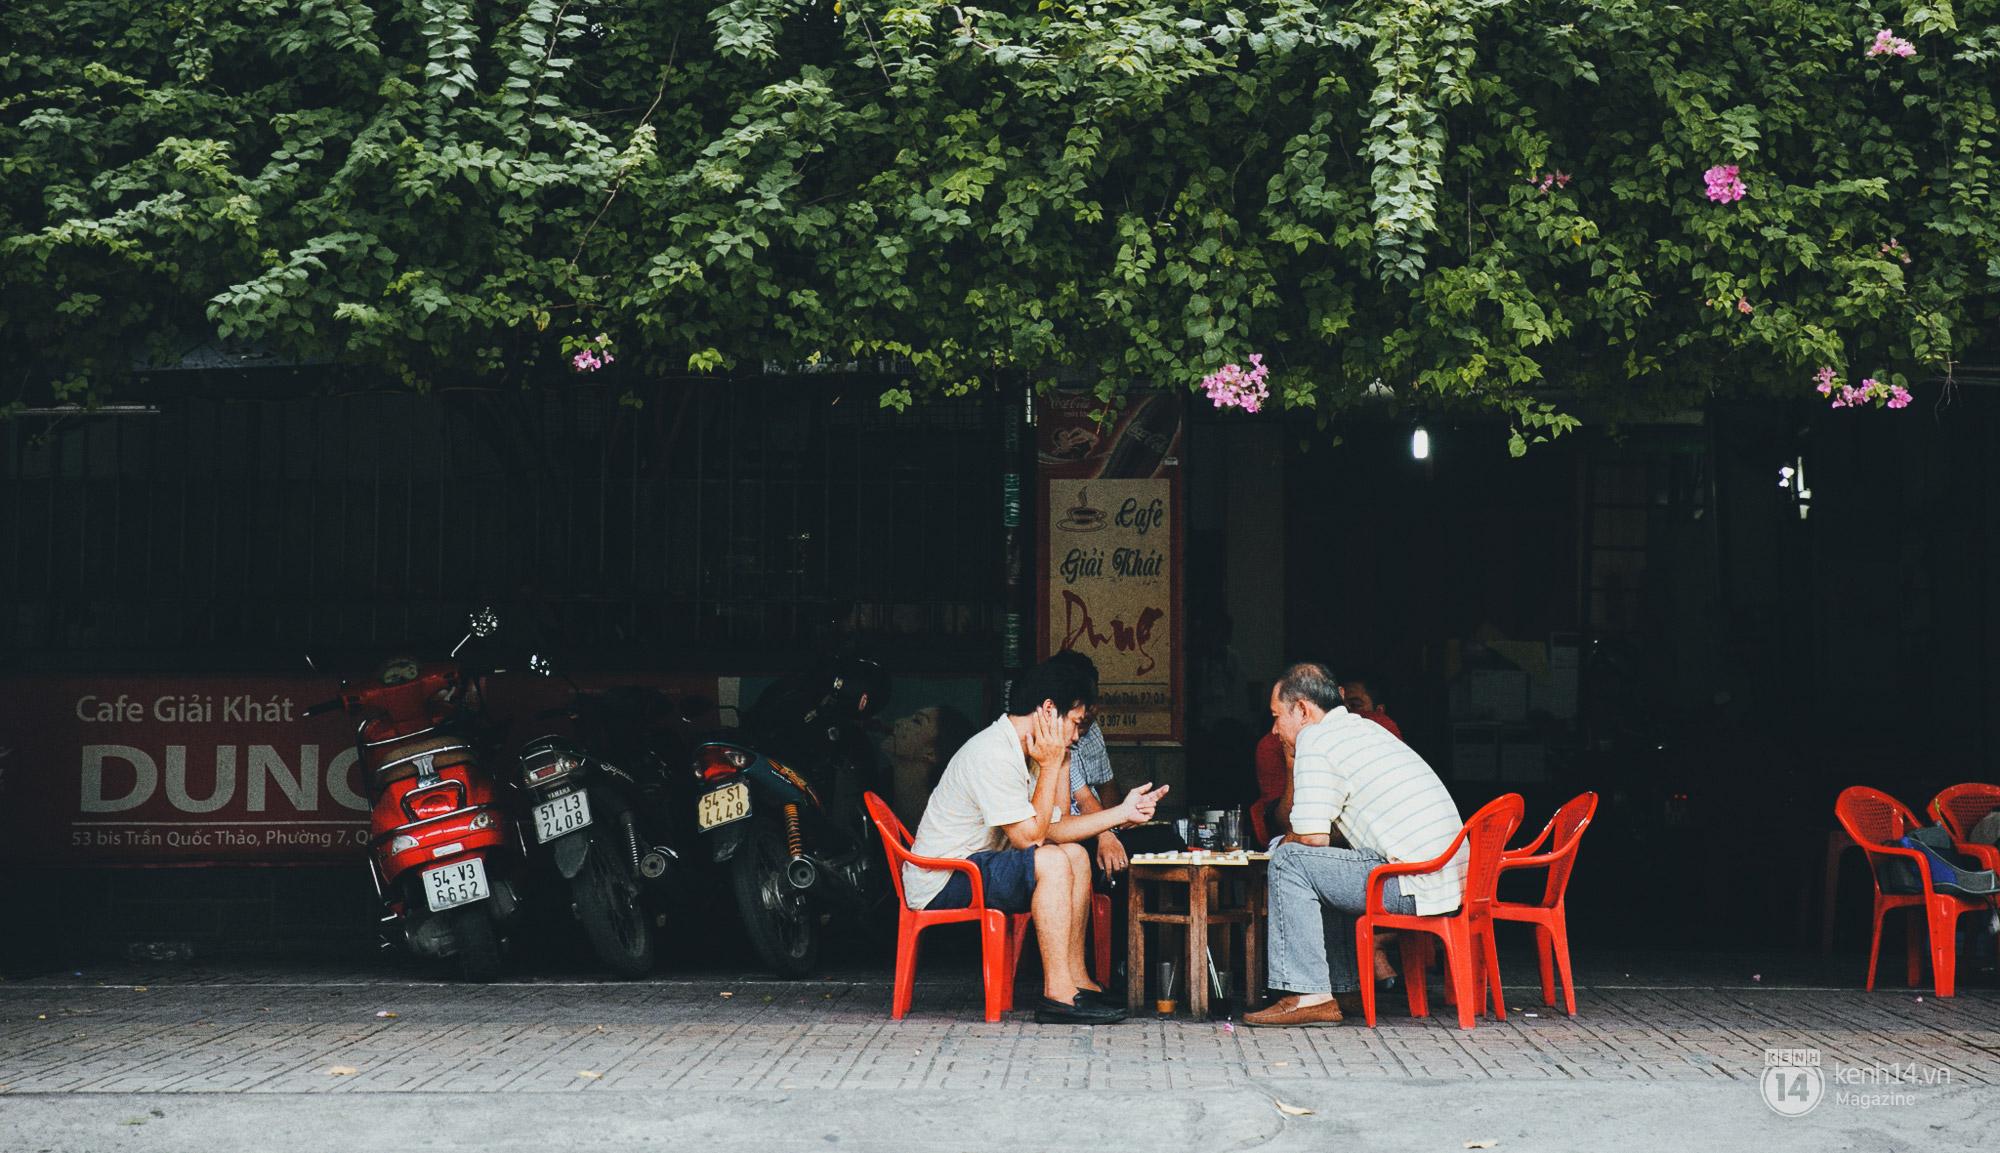 """Ai chê người Sài Gòn """"quê mùa"""" chứ Sài Gòn chẳng bao giờ chê ai là người nhà quê! - Ảnh 7."""